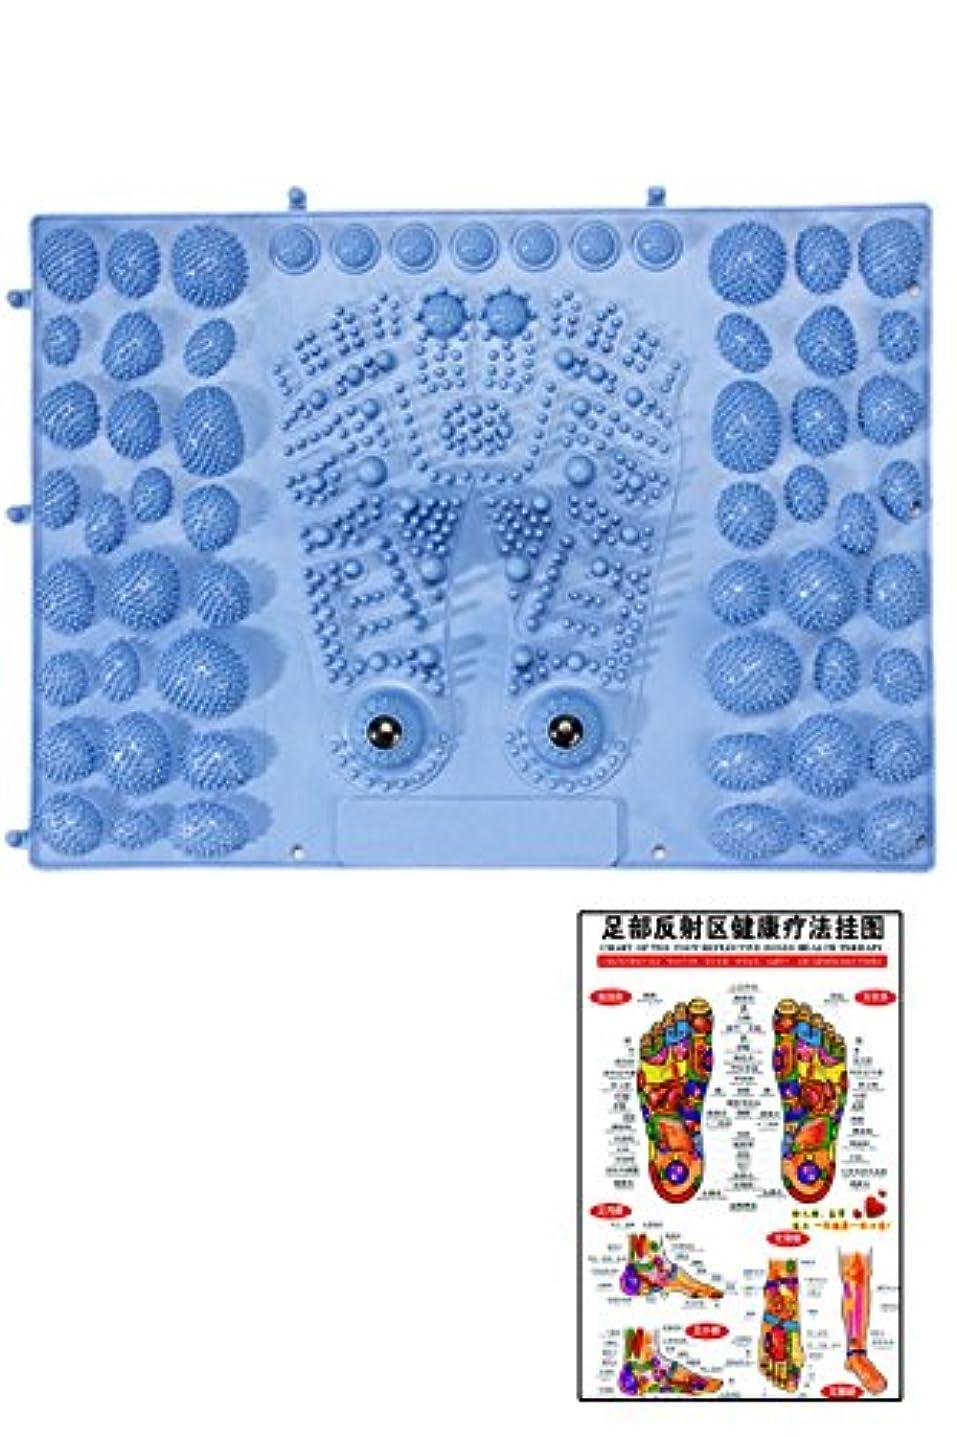 これら黙認するトムオードリース(POMAIKAI) 足型 足ツボ 健康 マット ダイエット 足裏マッサージ 反射区 マップ セット (ブルー)